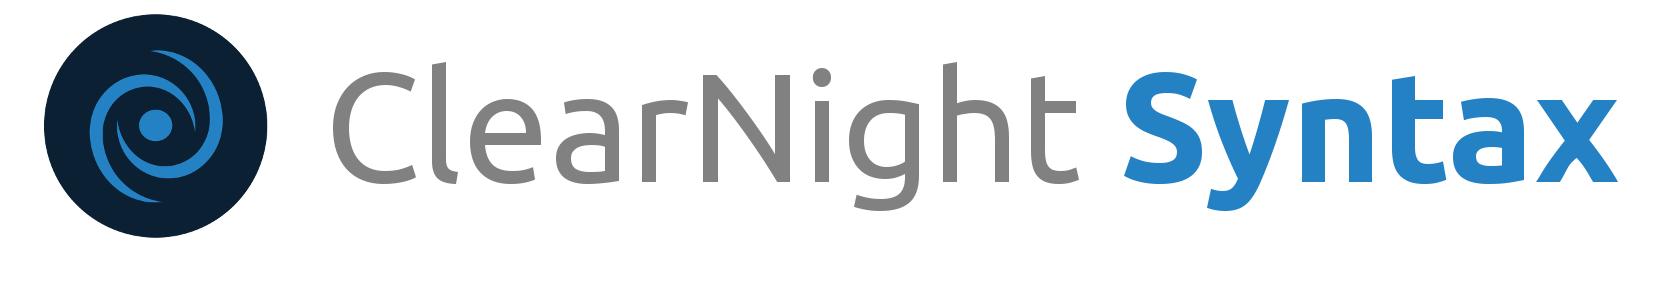 Clear Night Syntax